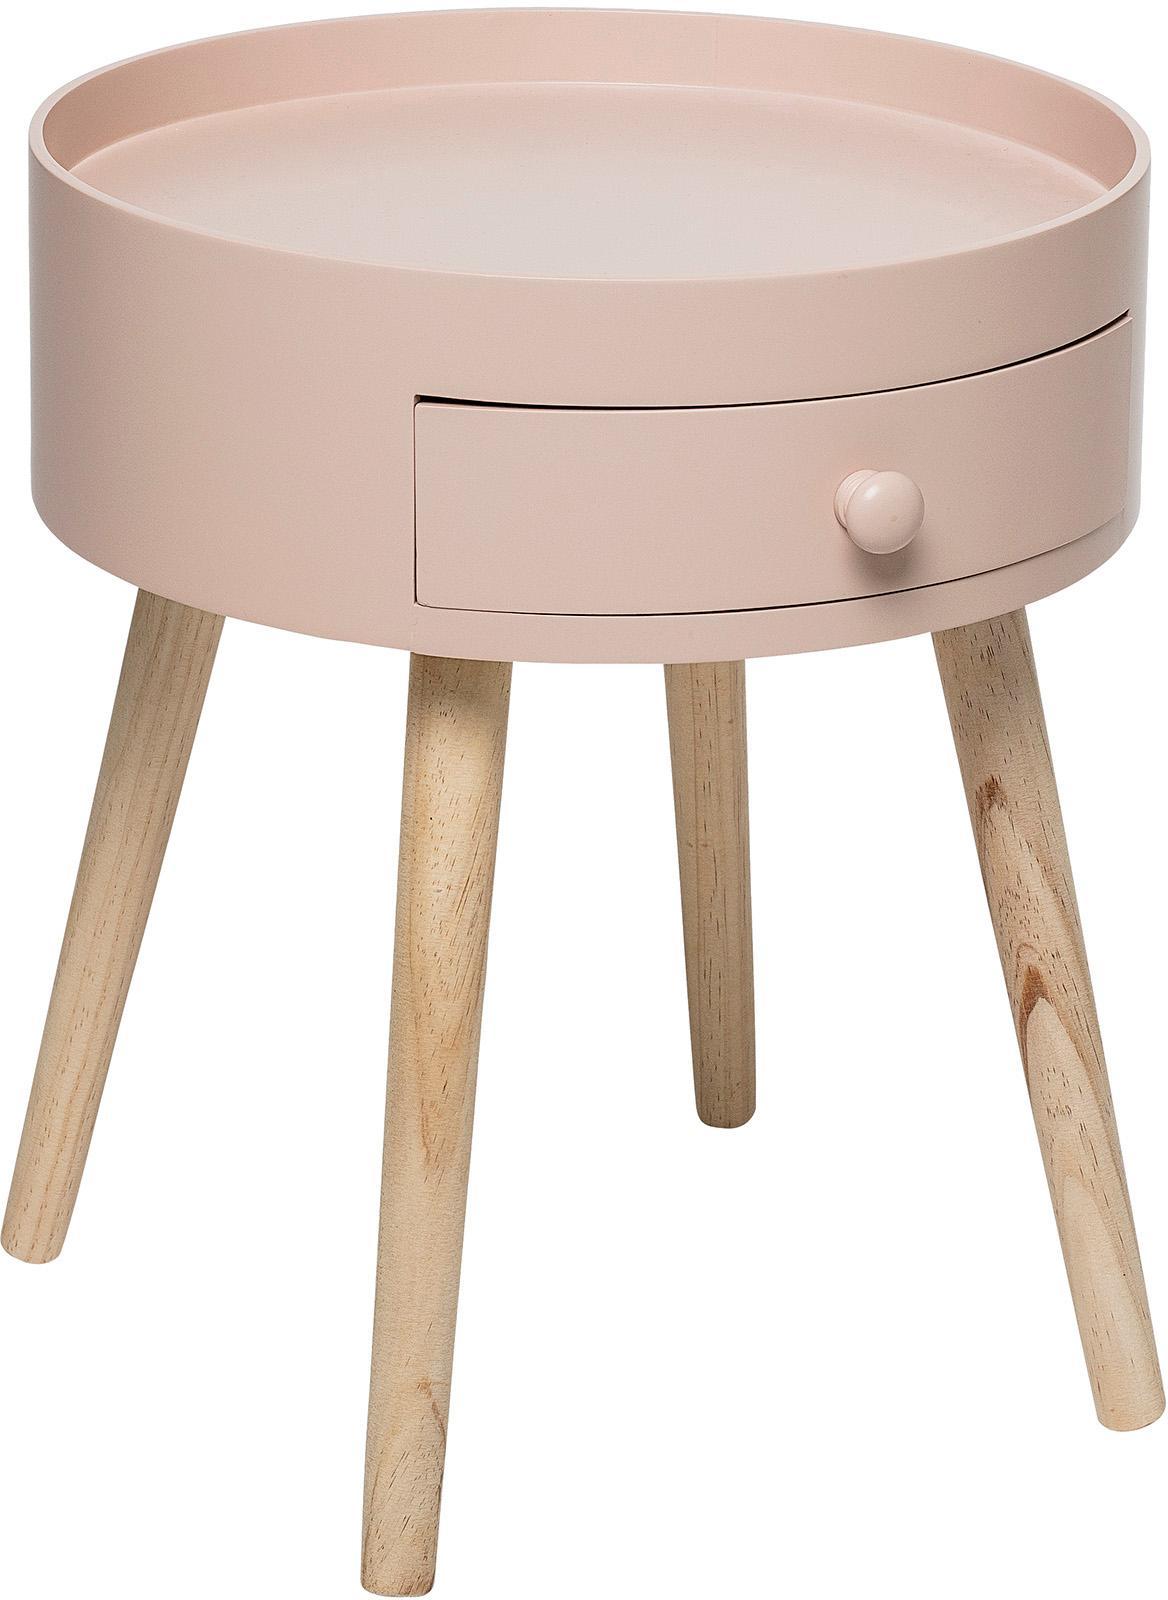 table d appoint avec tiroir first